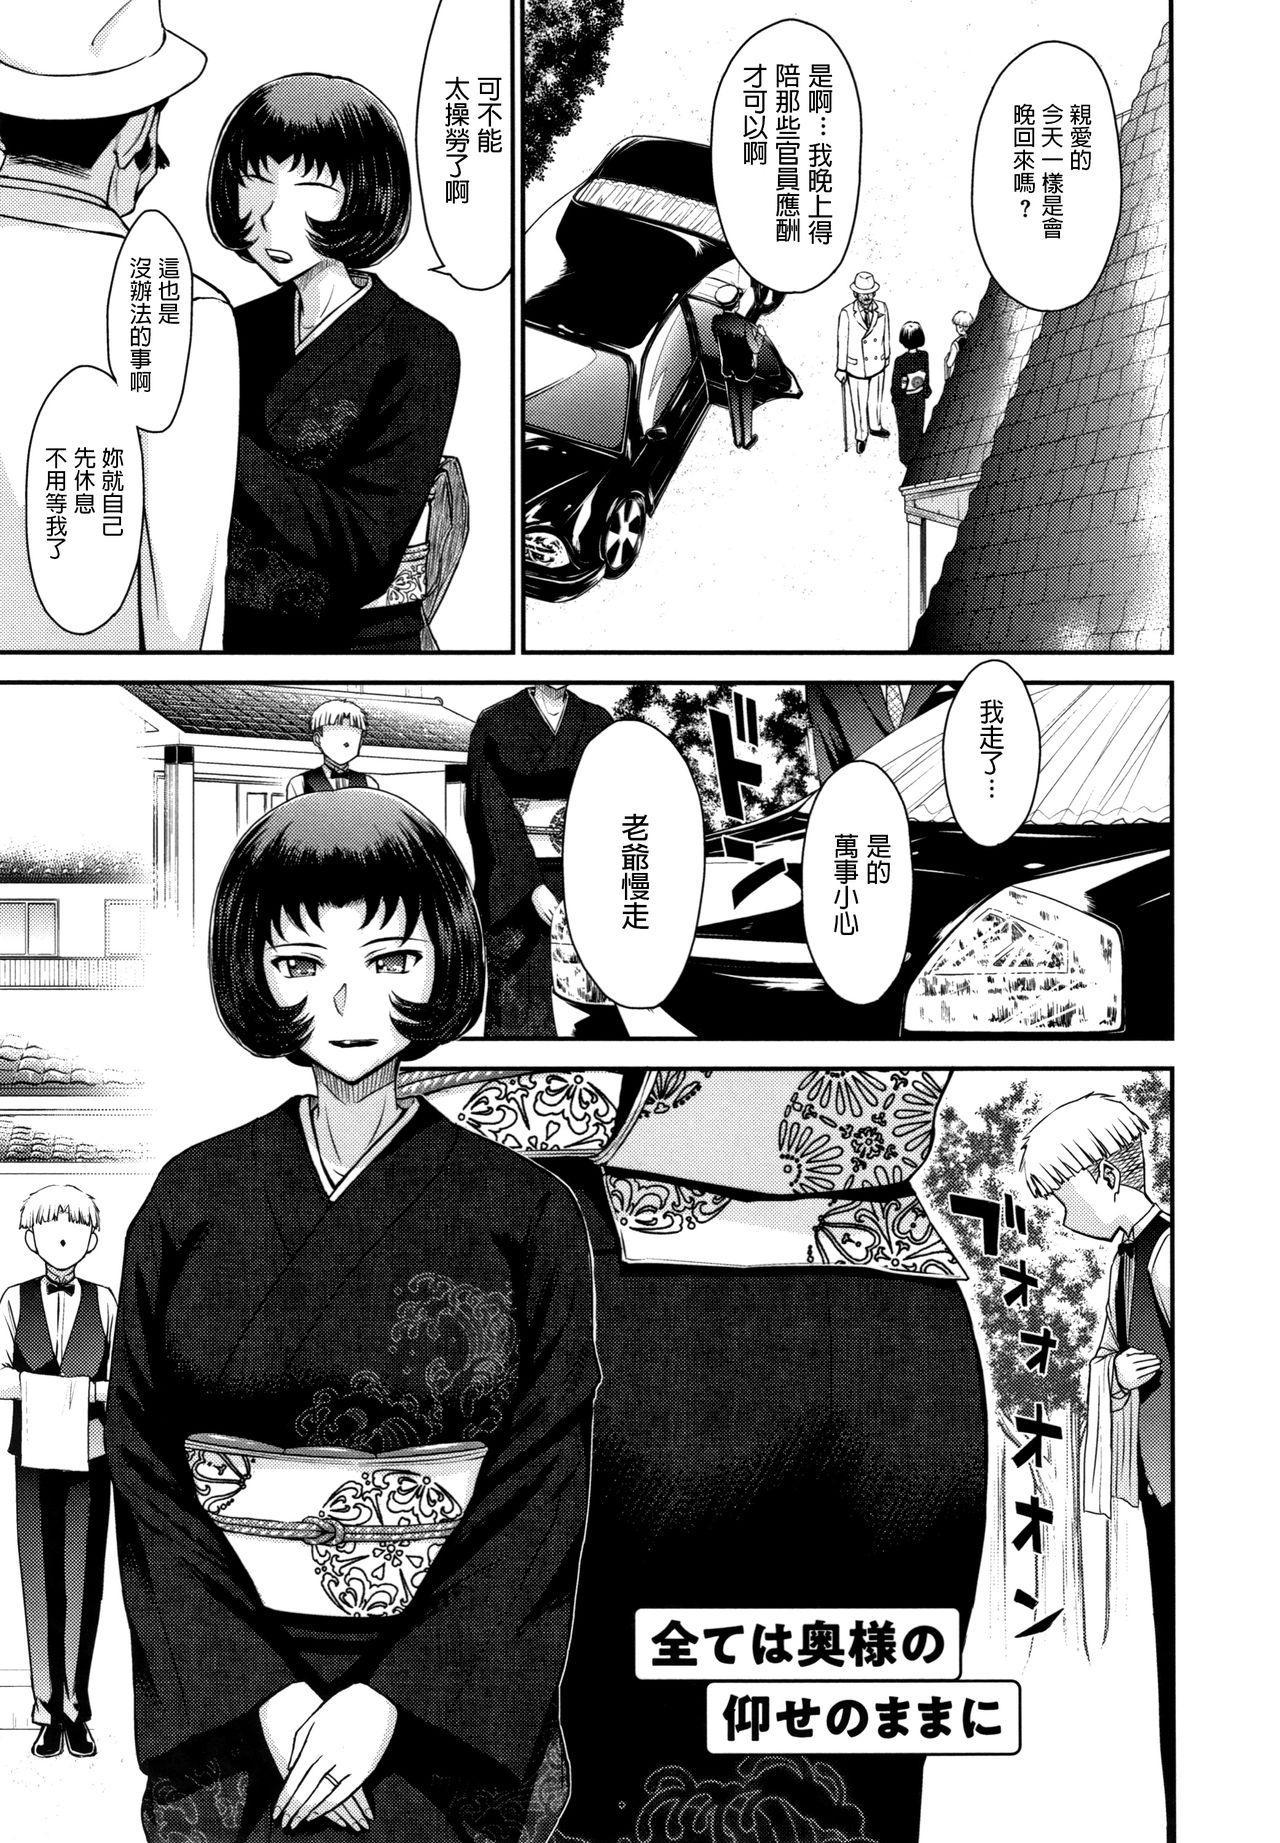 Subete Oku-sama no Oose no Mama ni 0